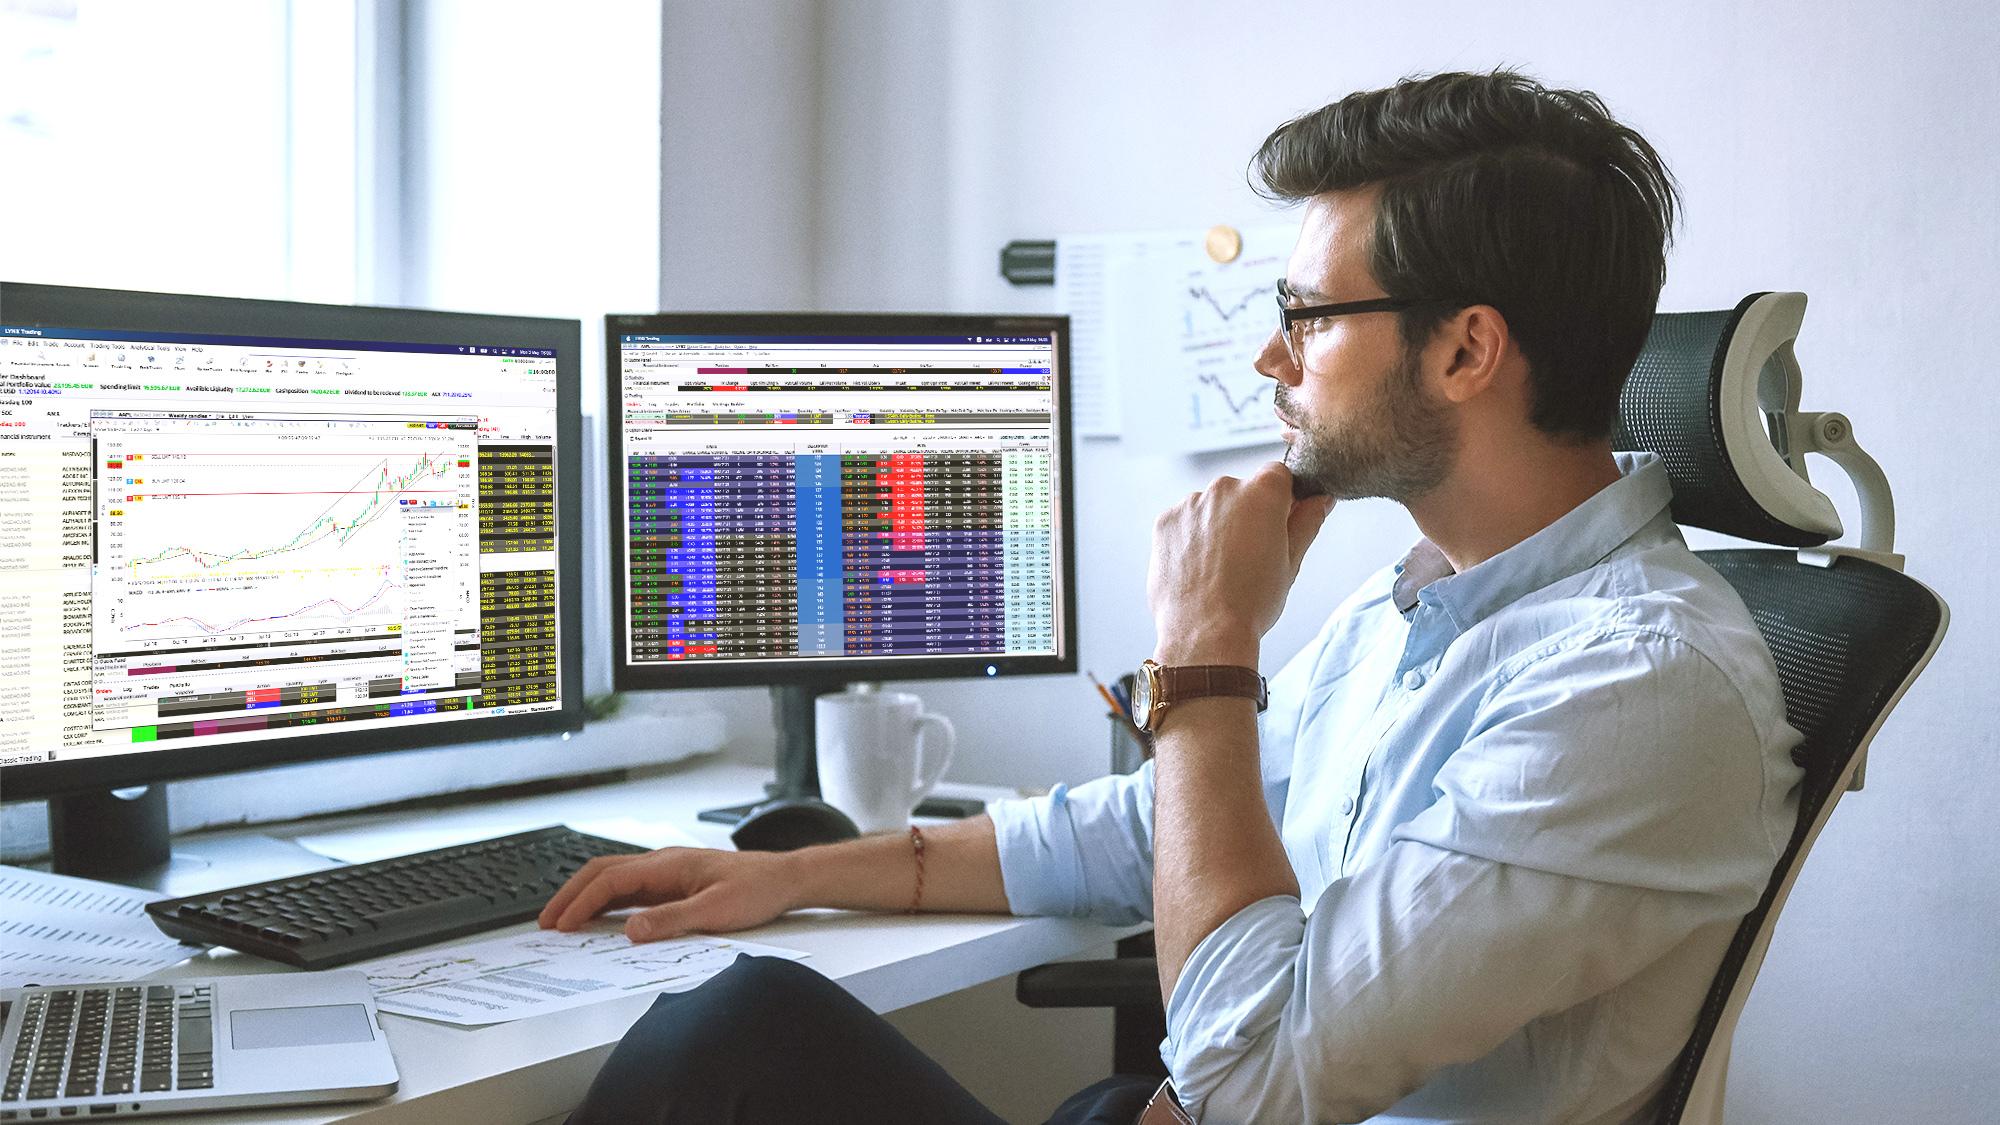 LYNX: Avaa arvo-osuustili ja sijoita veloituksetta kaupankäyntityökaluilla